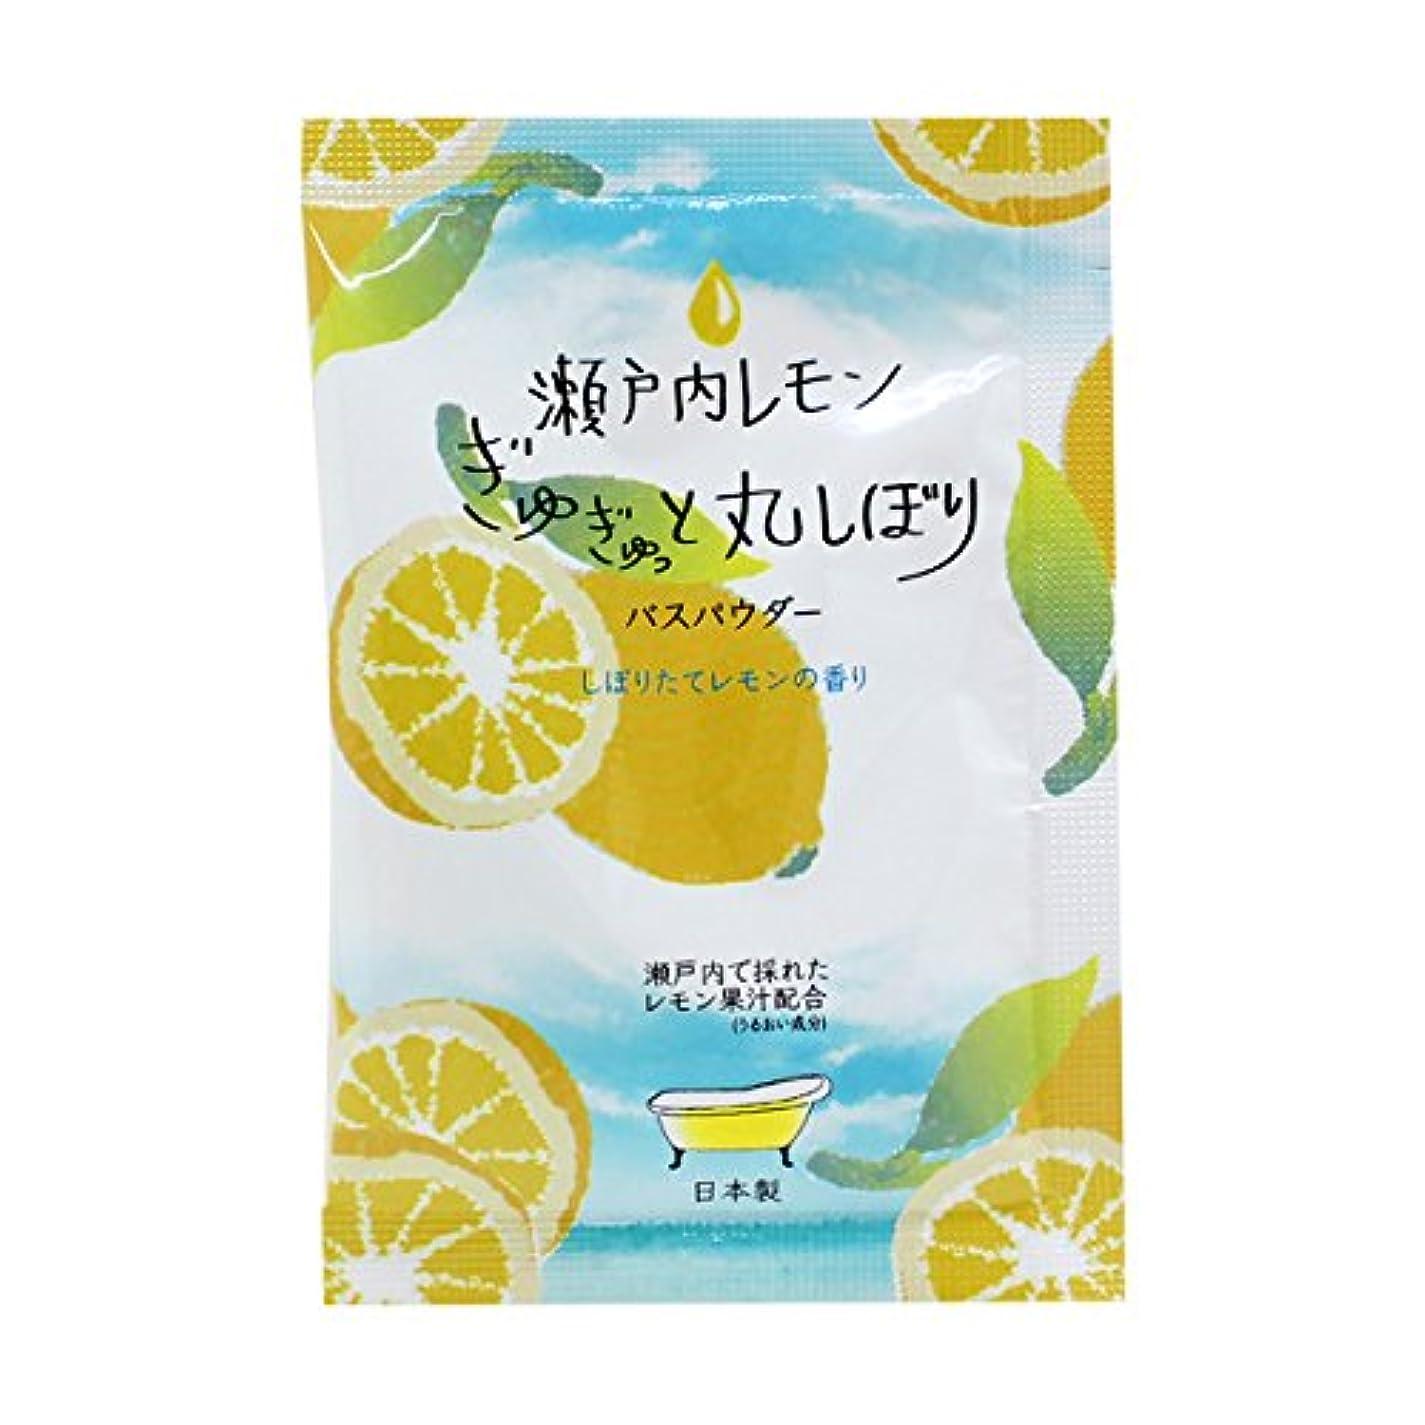 設置道徳教育かごハーバルエクストラ リッチバスパウダー 「瀬戸内レモンの香り」30個